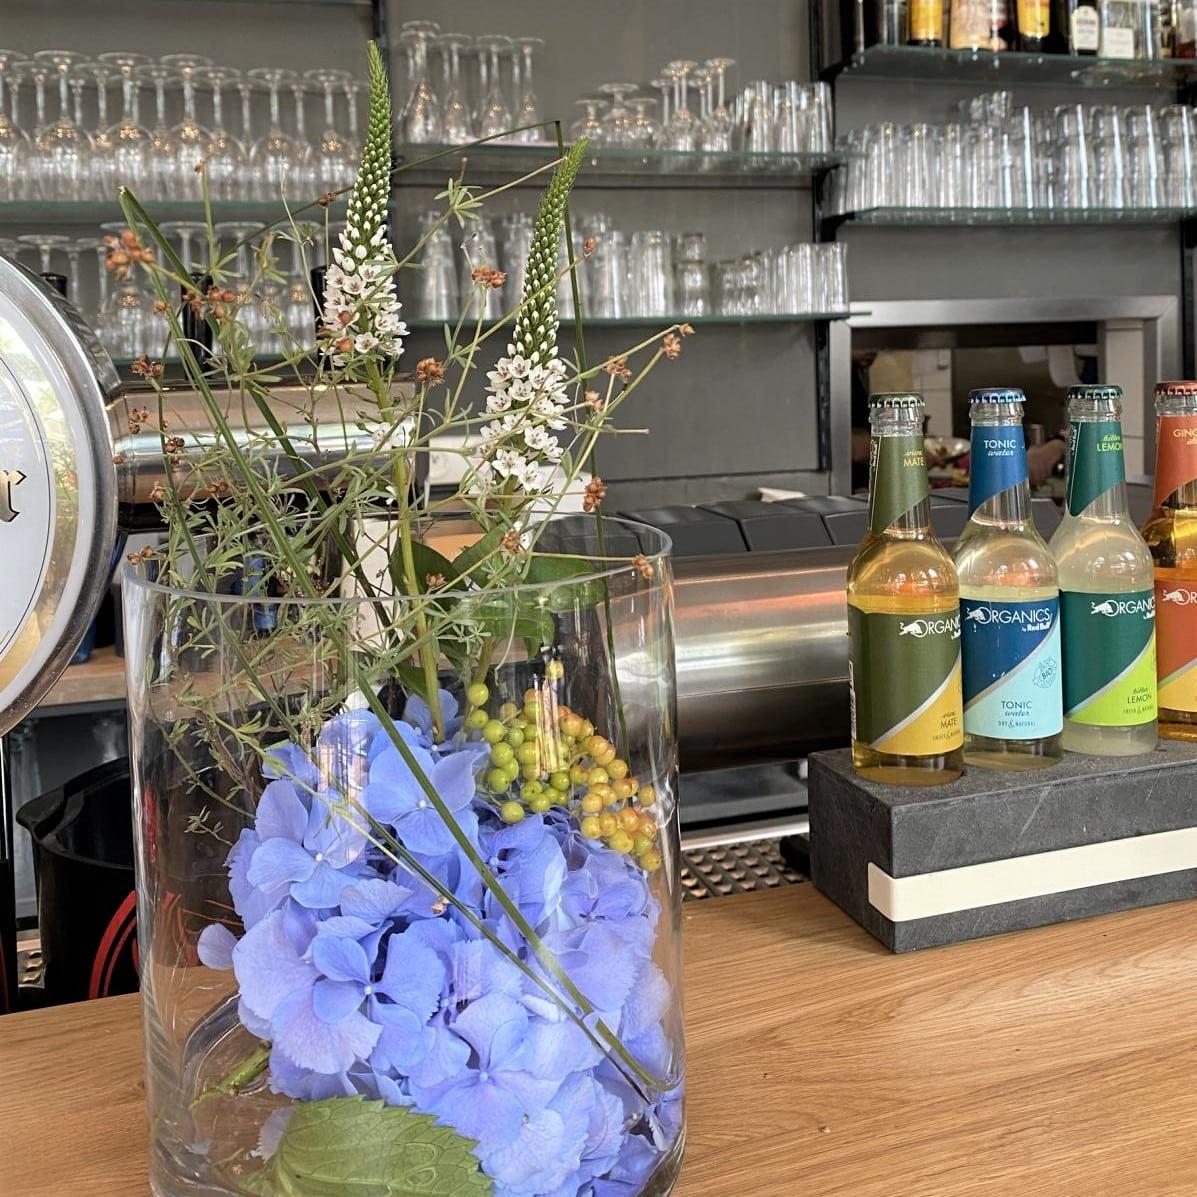 Style Hannover Treibhaus 8 - Treibhaus – Gastrokult in der List